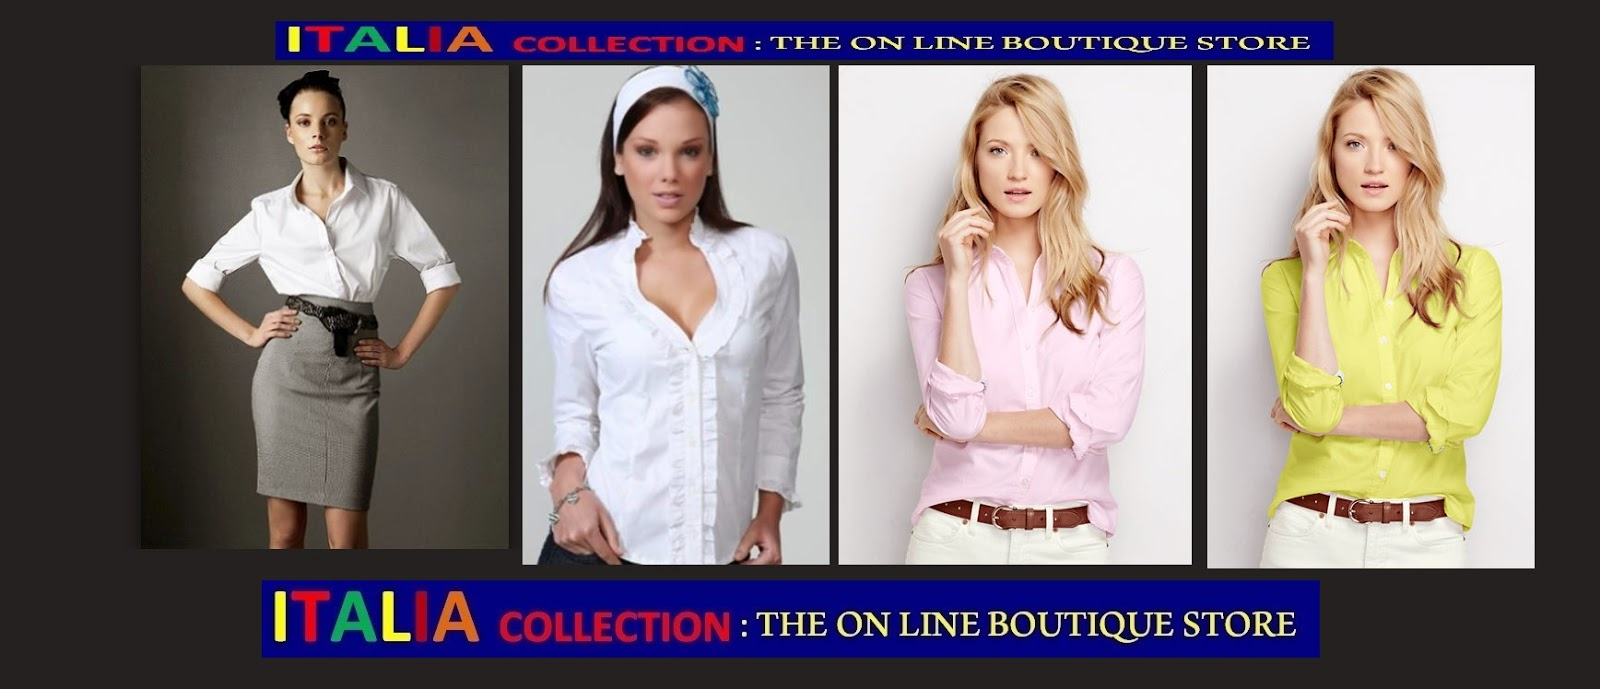 Camisas, Blusas y Tops Mujer · Moda · El Corte Inglés - imagenes de camisas de vestir para mujeres